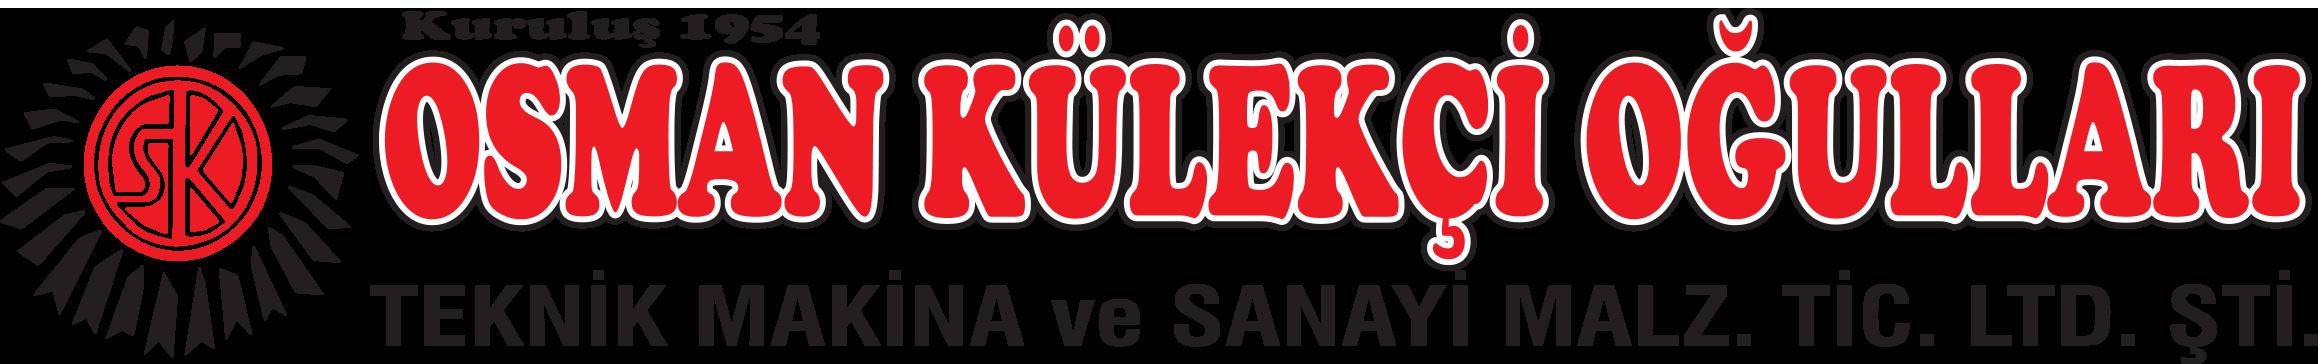 Osman Külekçioğulları Ltd. Şti